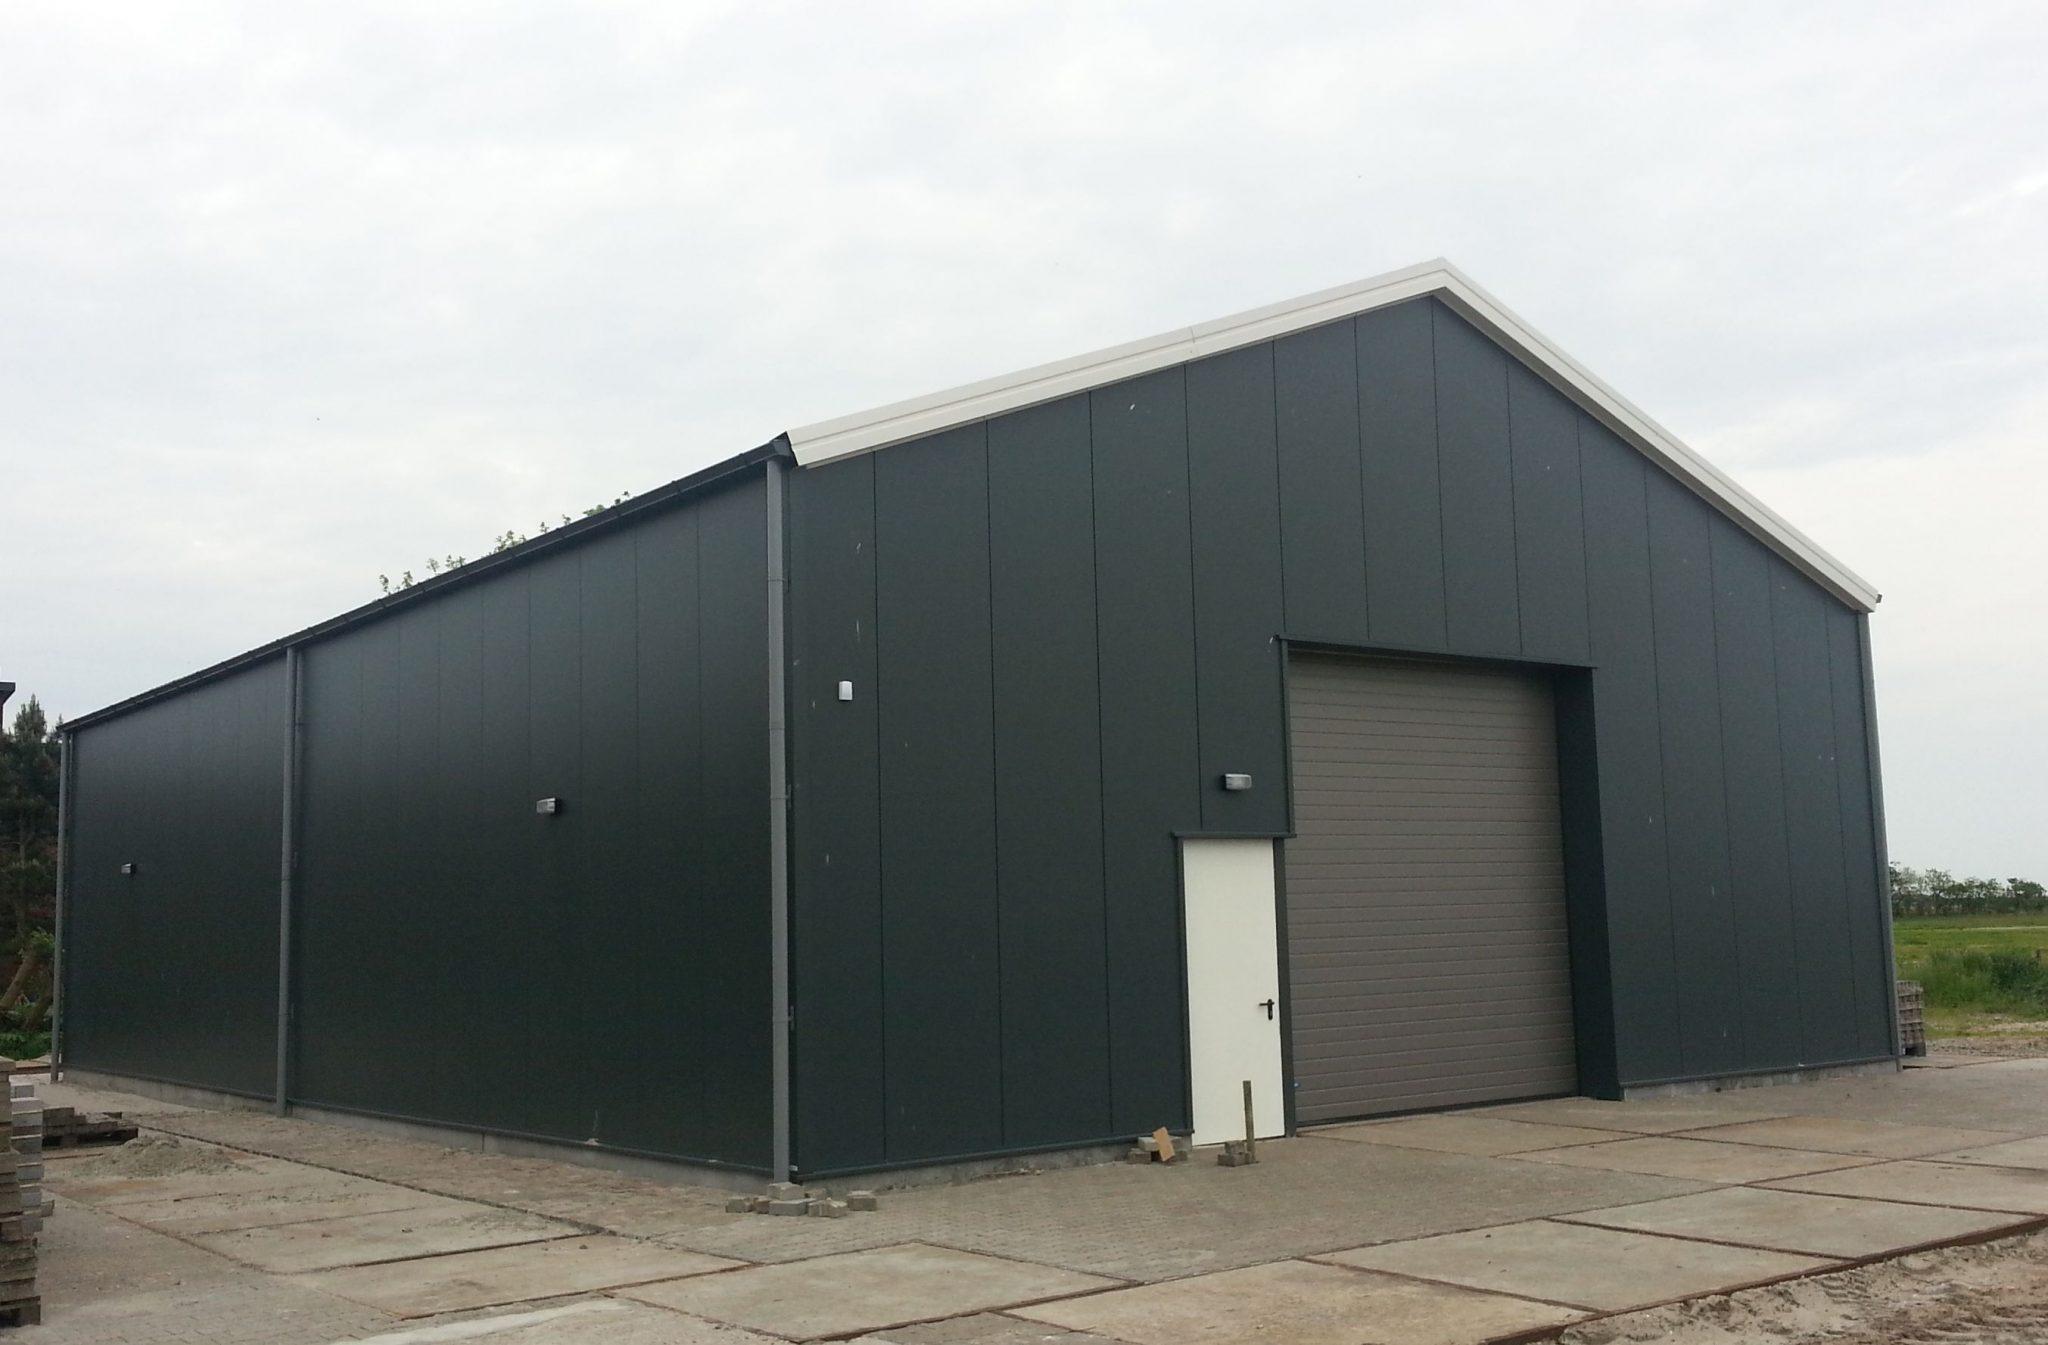 Loods bouwen kosten prijzen de staalbouwers for Zelf huis bouwen kostprijs